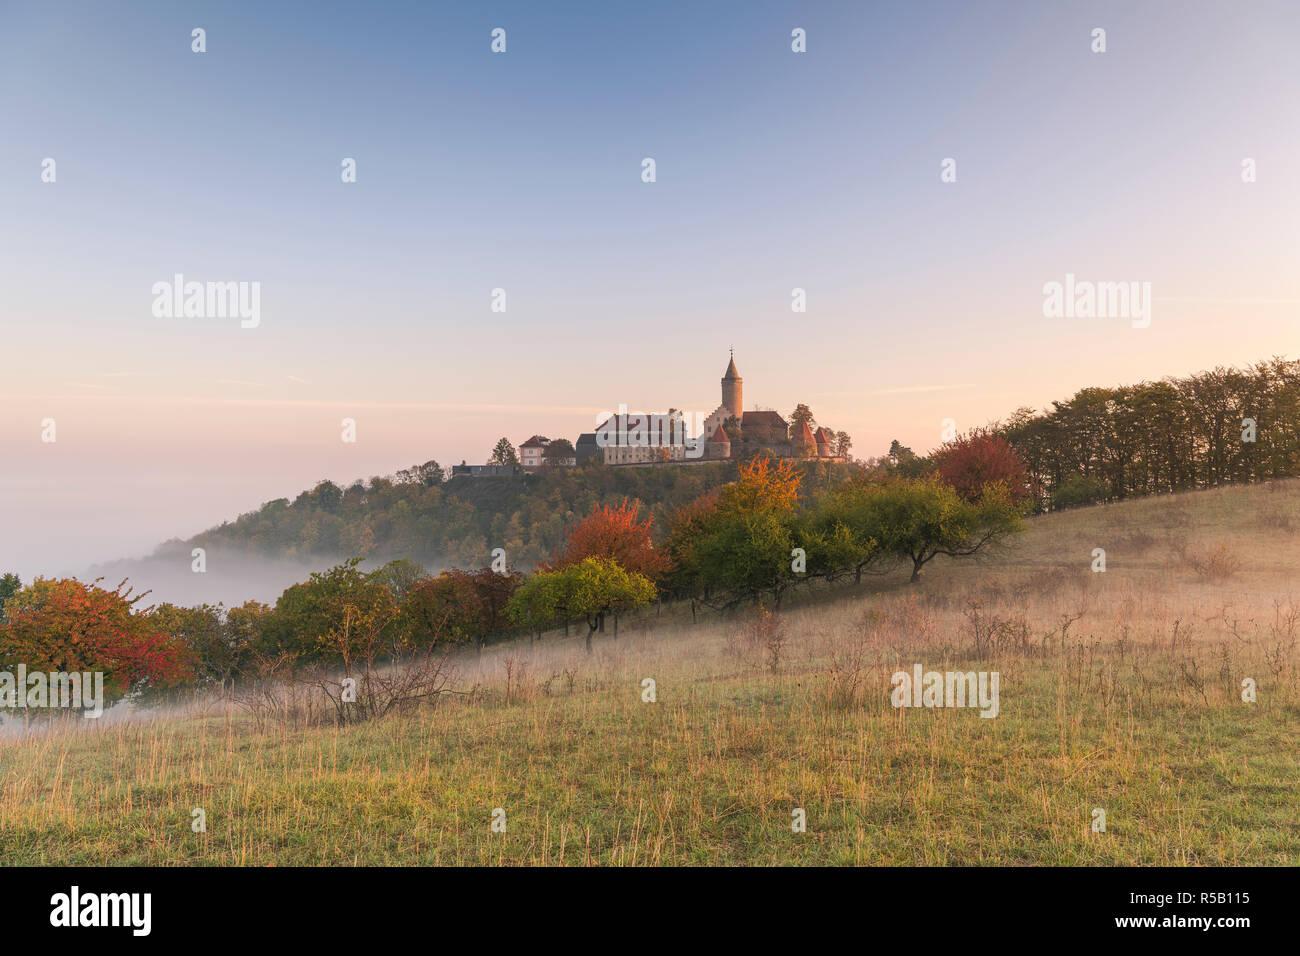 Lever du soleil à la Szinérváralja, brouillard, automne, Thuringe, Allemagne Banque D'Images